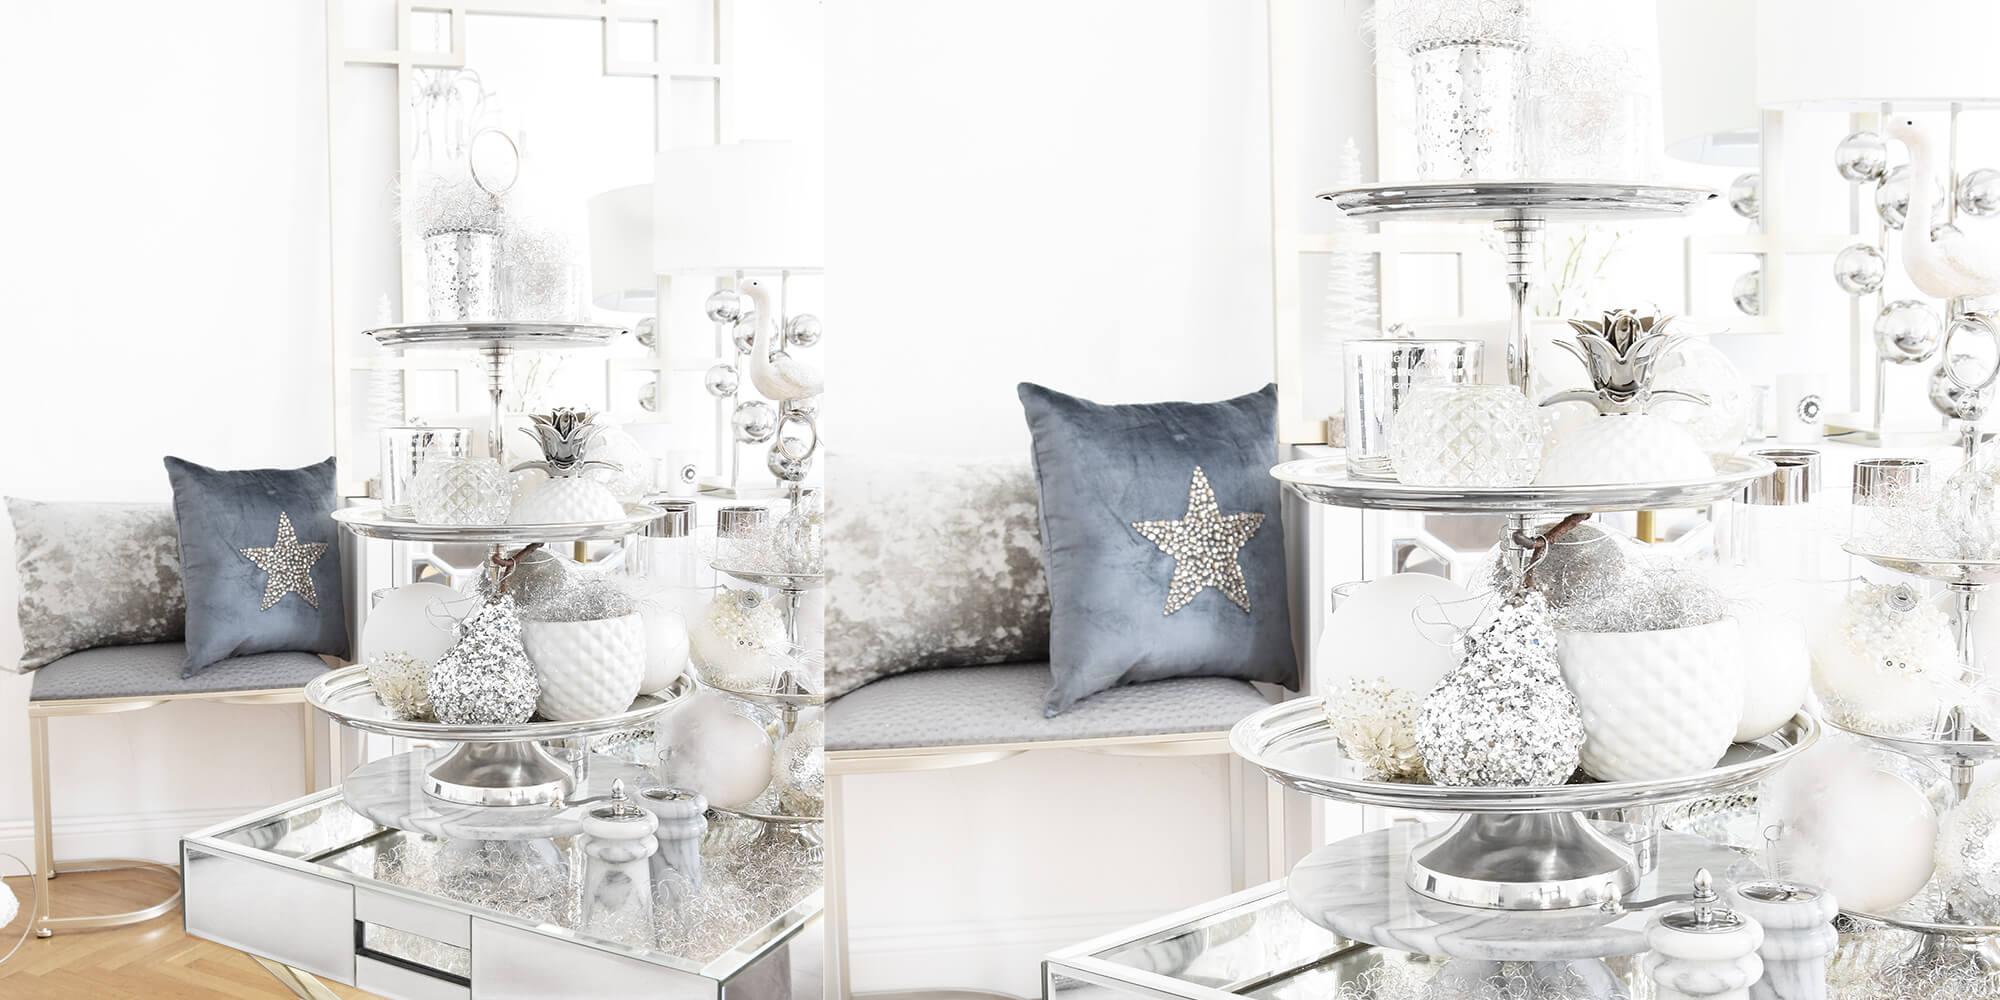 Weihnachtsdeko In Silber Und Weiß.Weihnachtskugeln